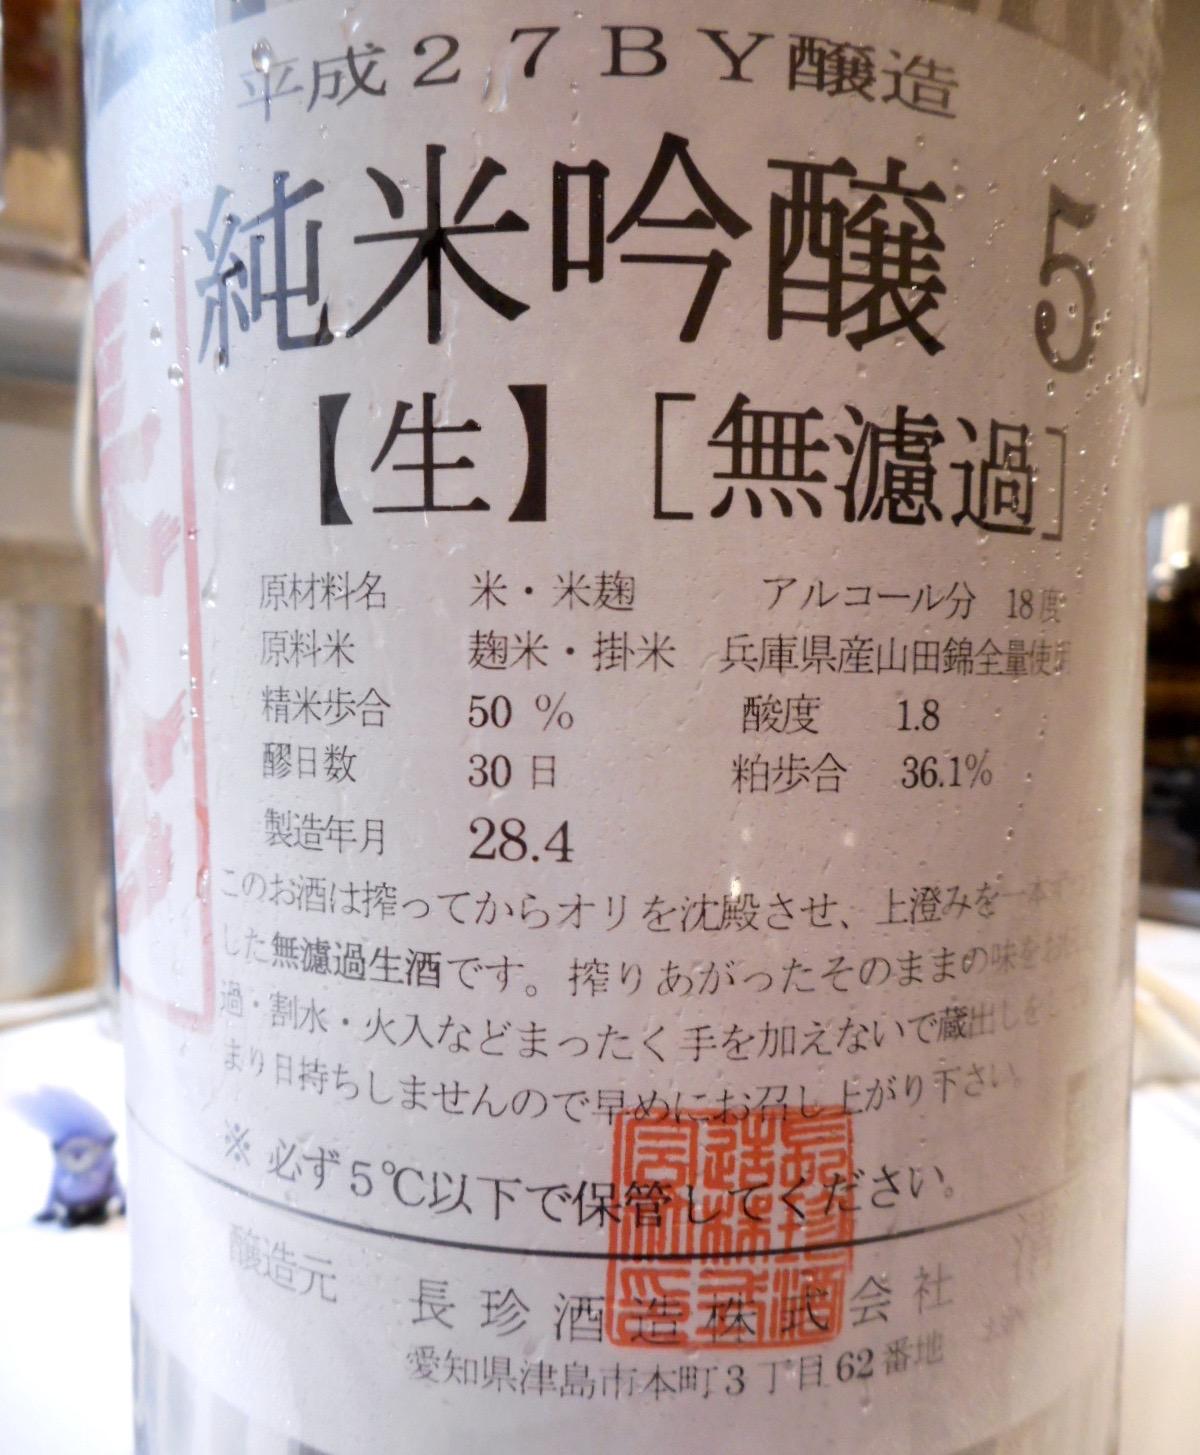 chouchin_shinbunshi_jungin27by2.jpg